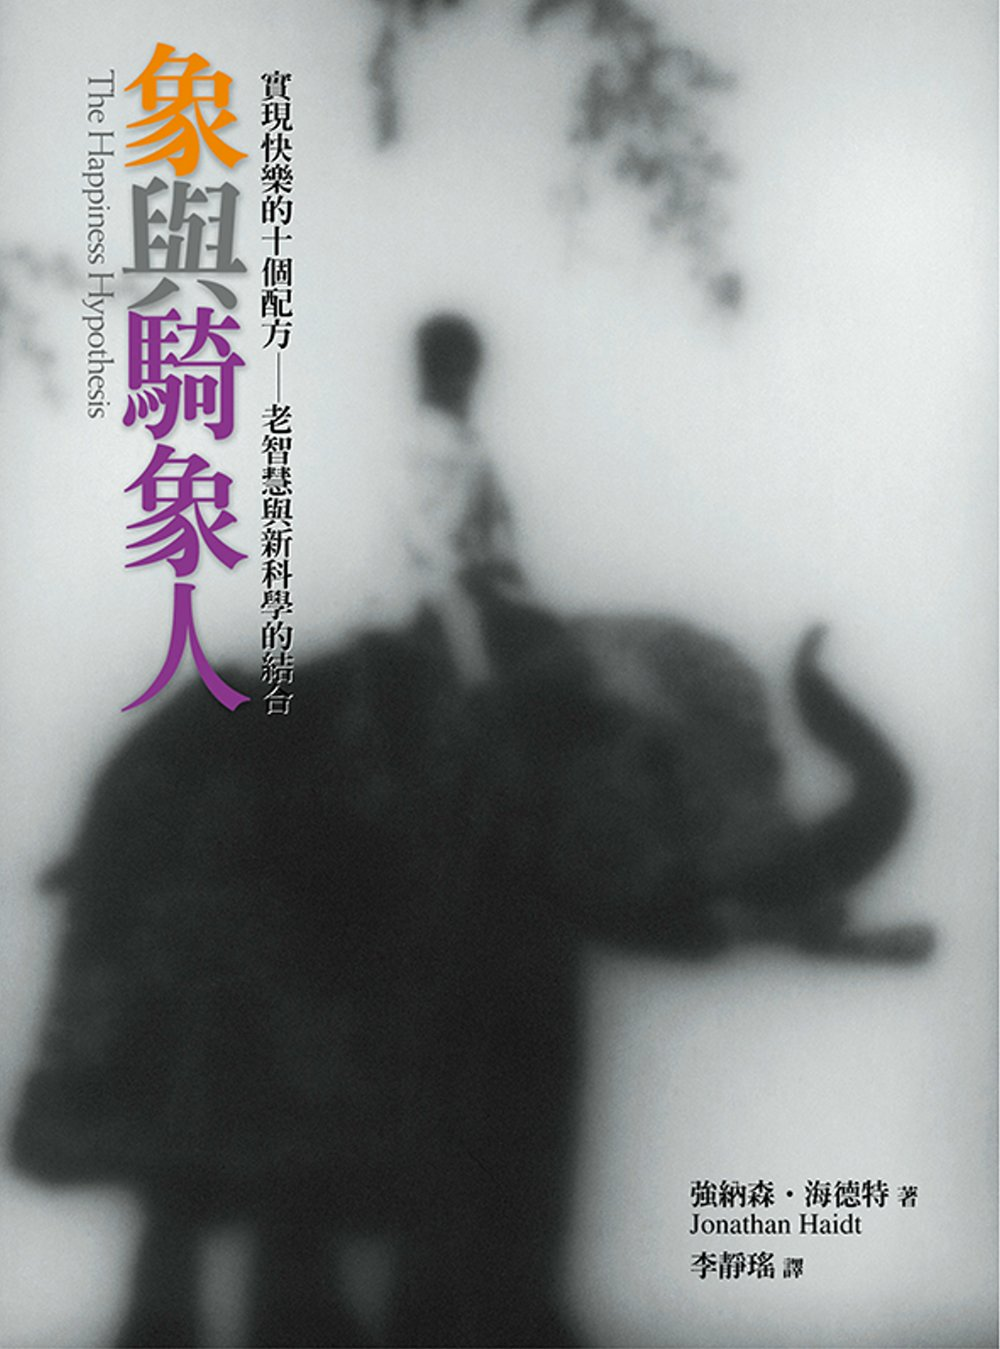 象與騎象人 :  實現快樂的十個配方-老智慧與新科學的結合 /